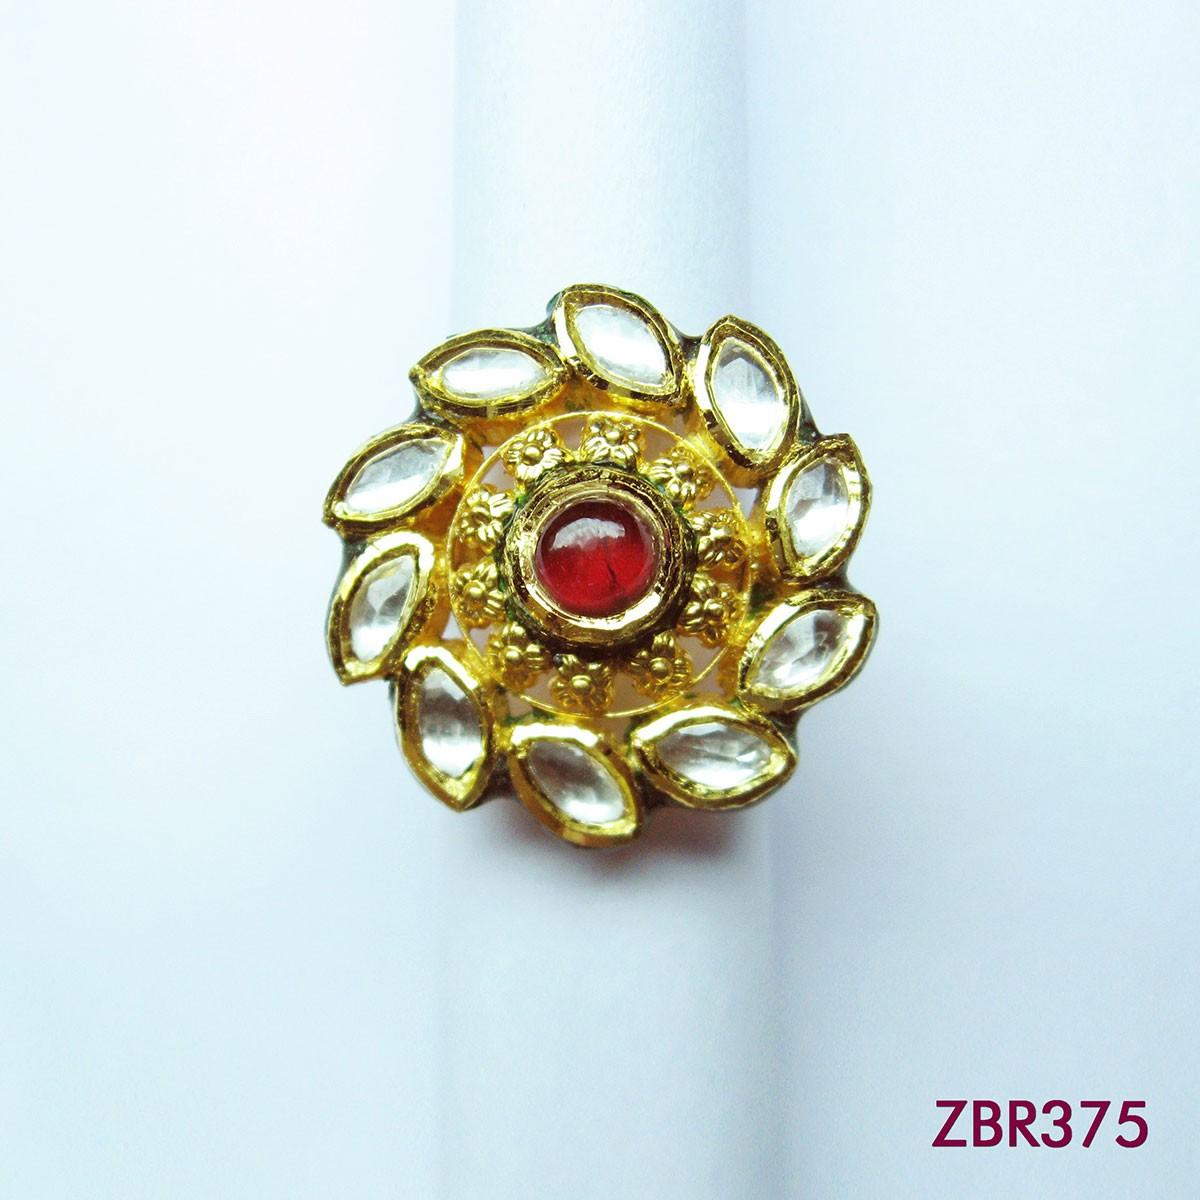 ZBR375